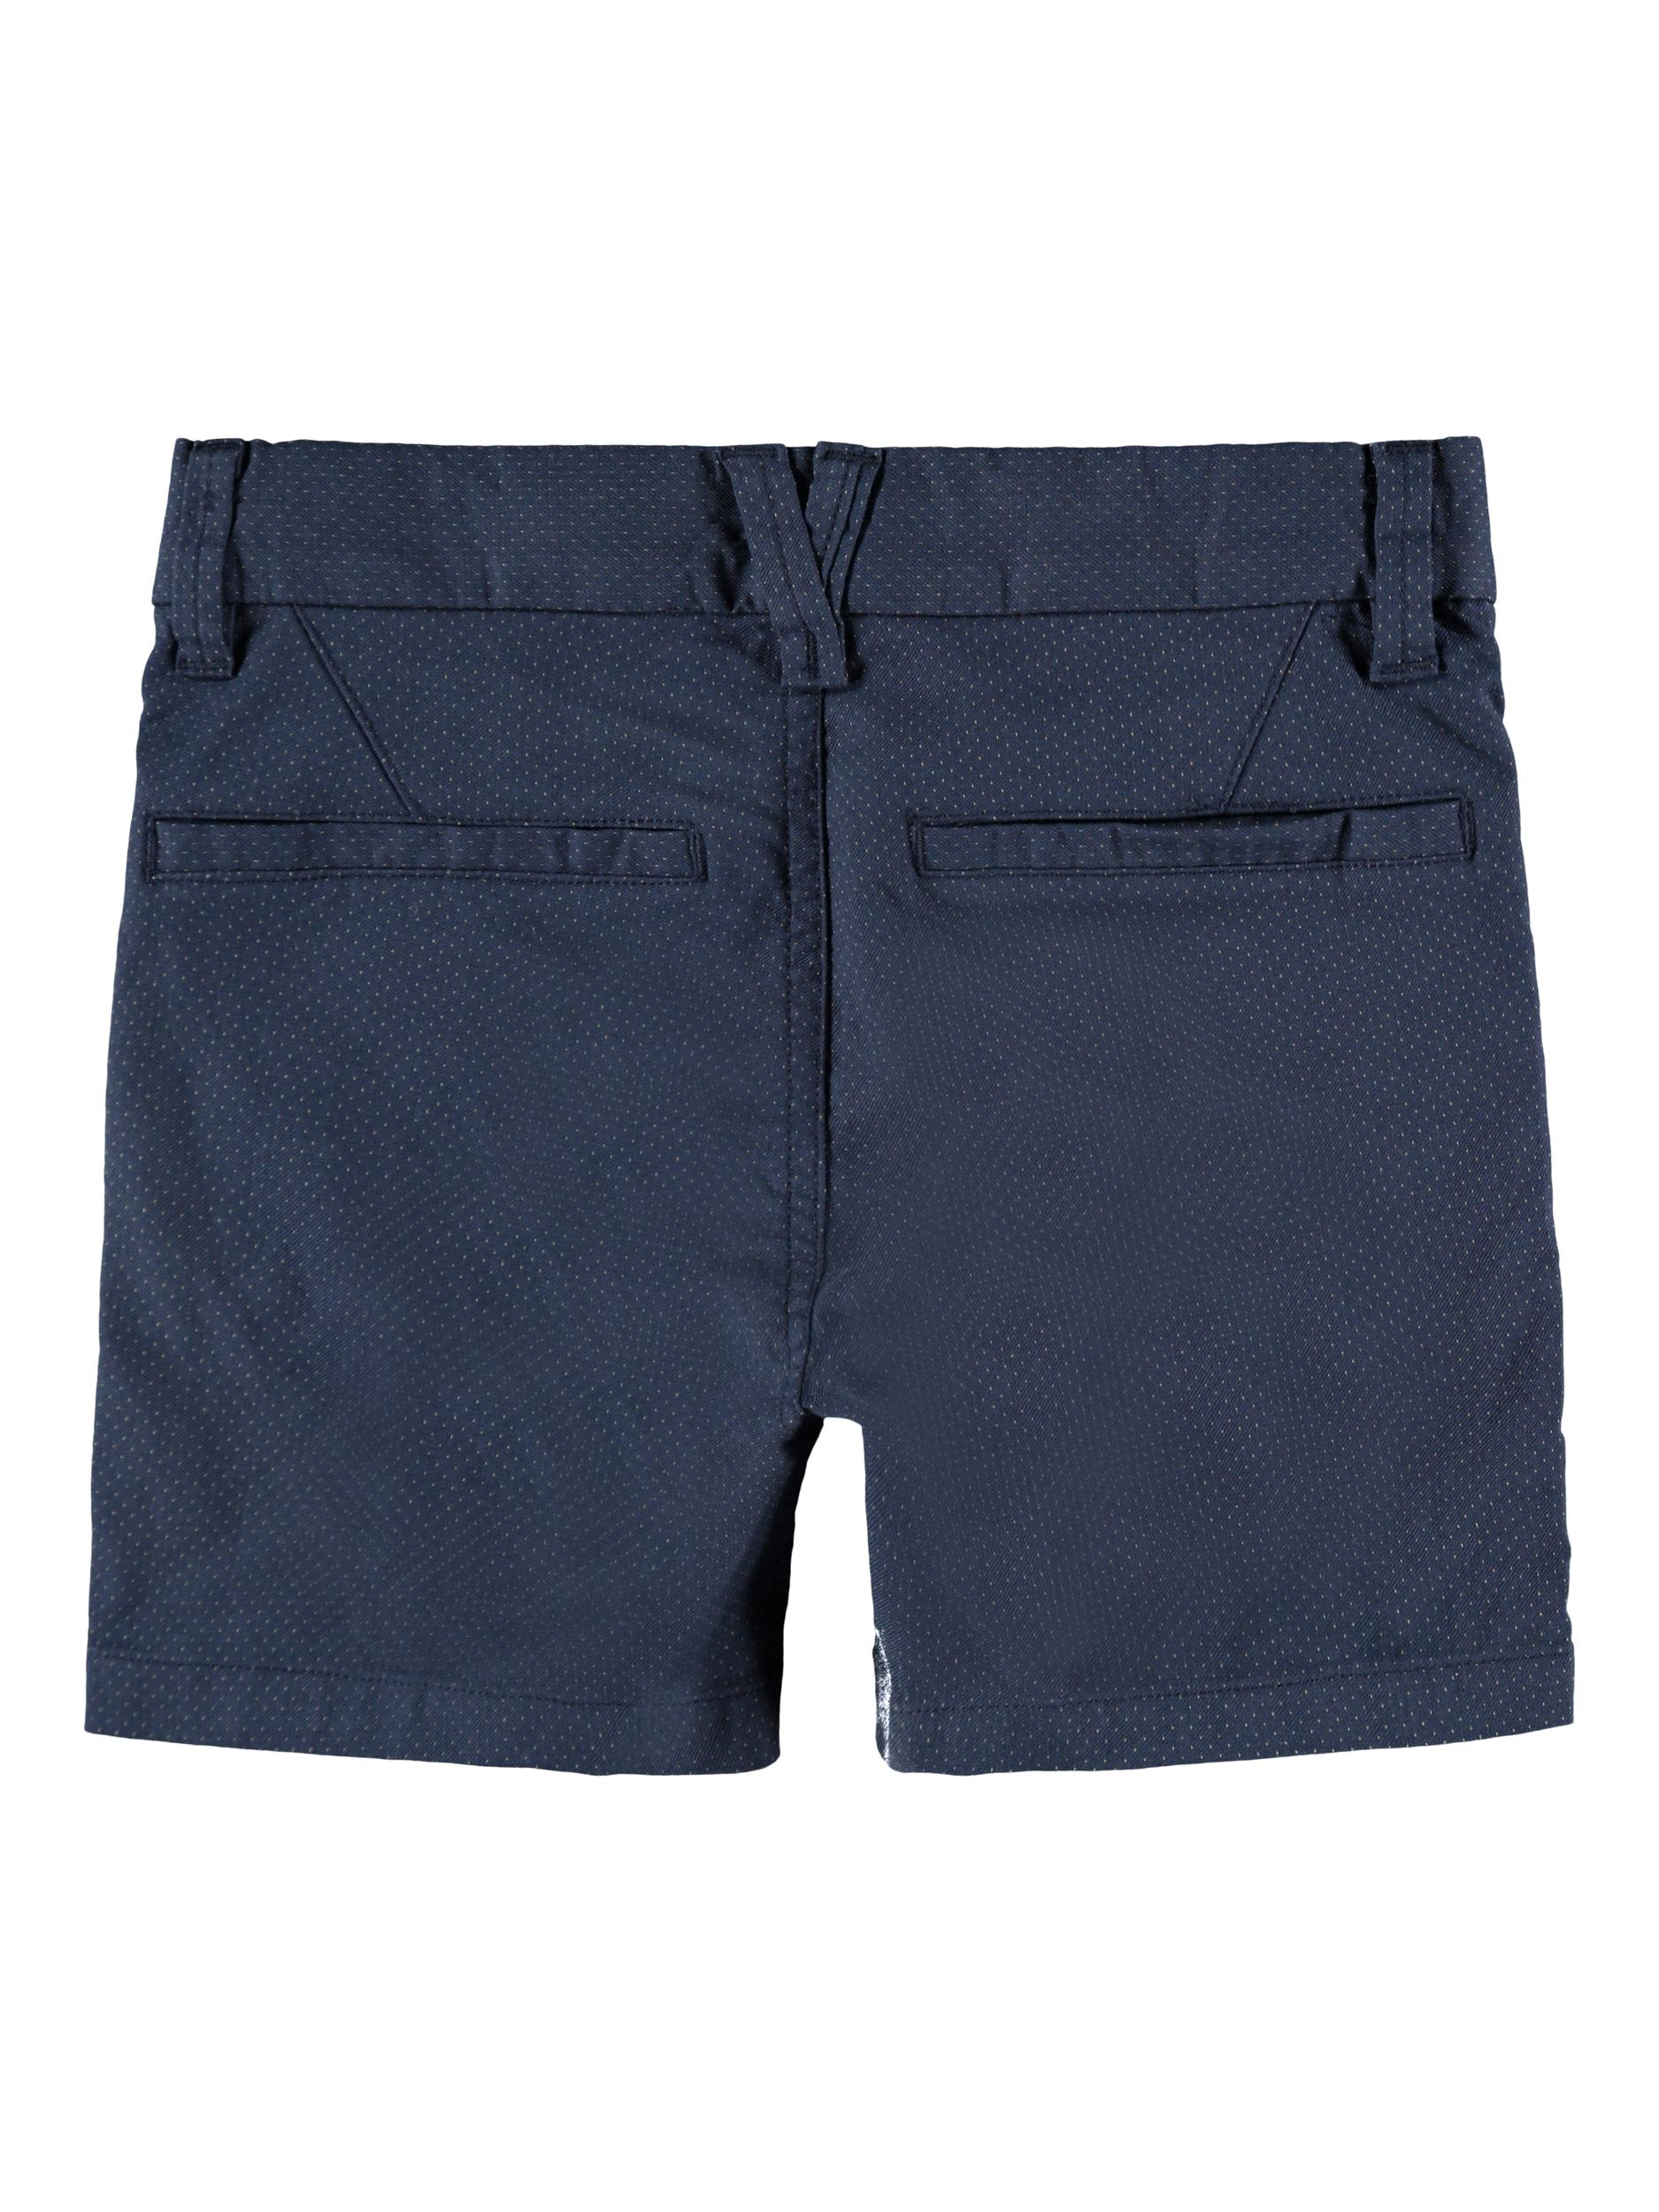 Name It Ryan shorts, dark sapphire, 92